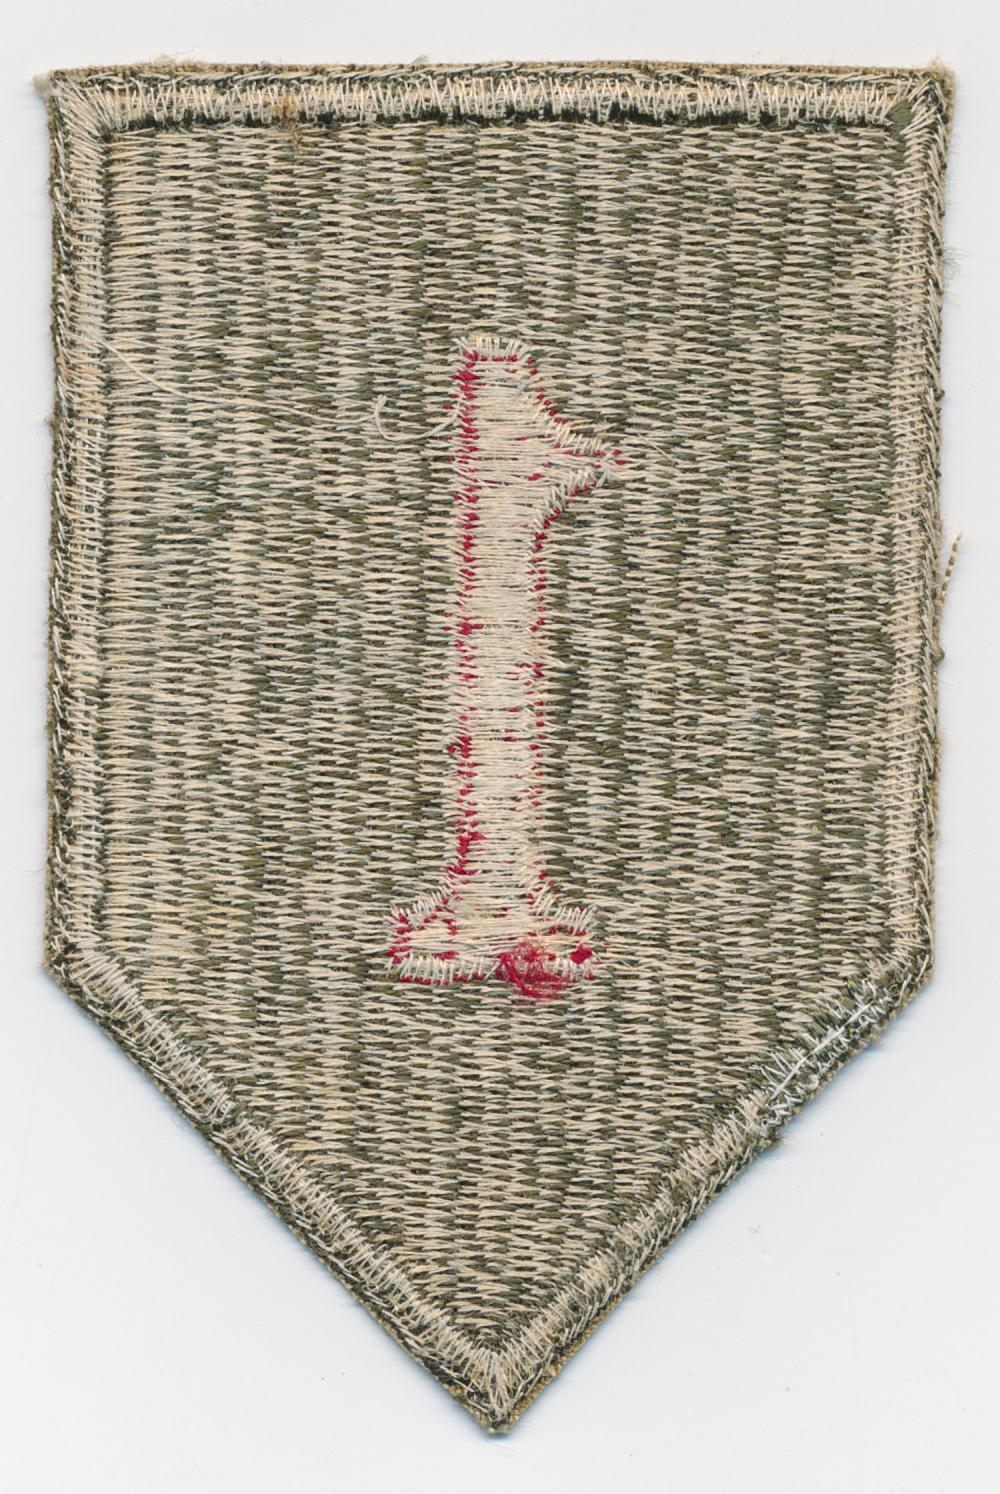 GEN. CLARENCE R. HUEBNER'S 1ST ARMY DIVISION SHOULDER PATCH